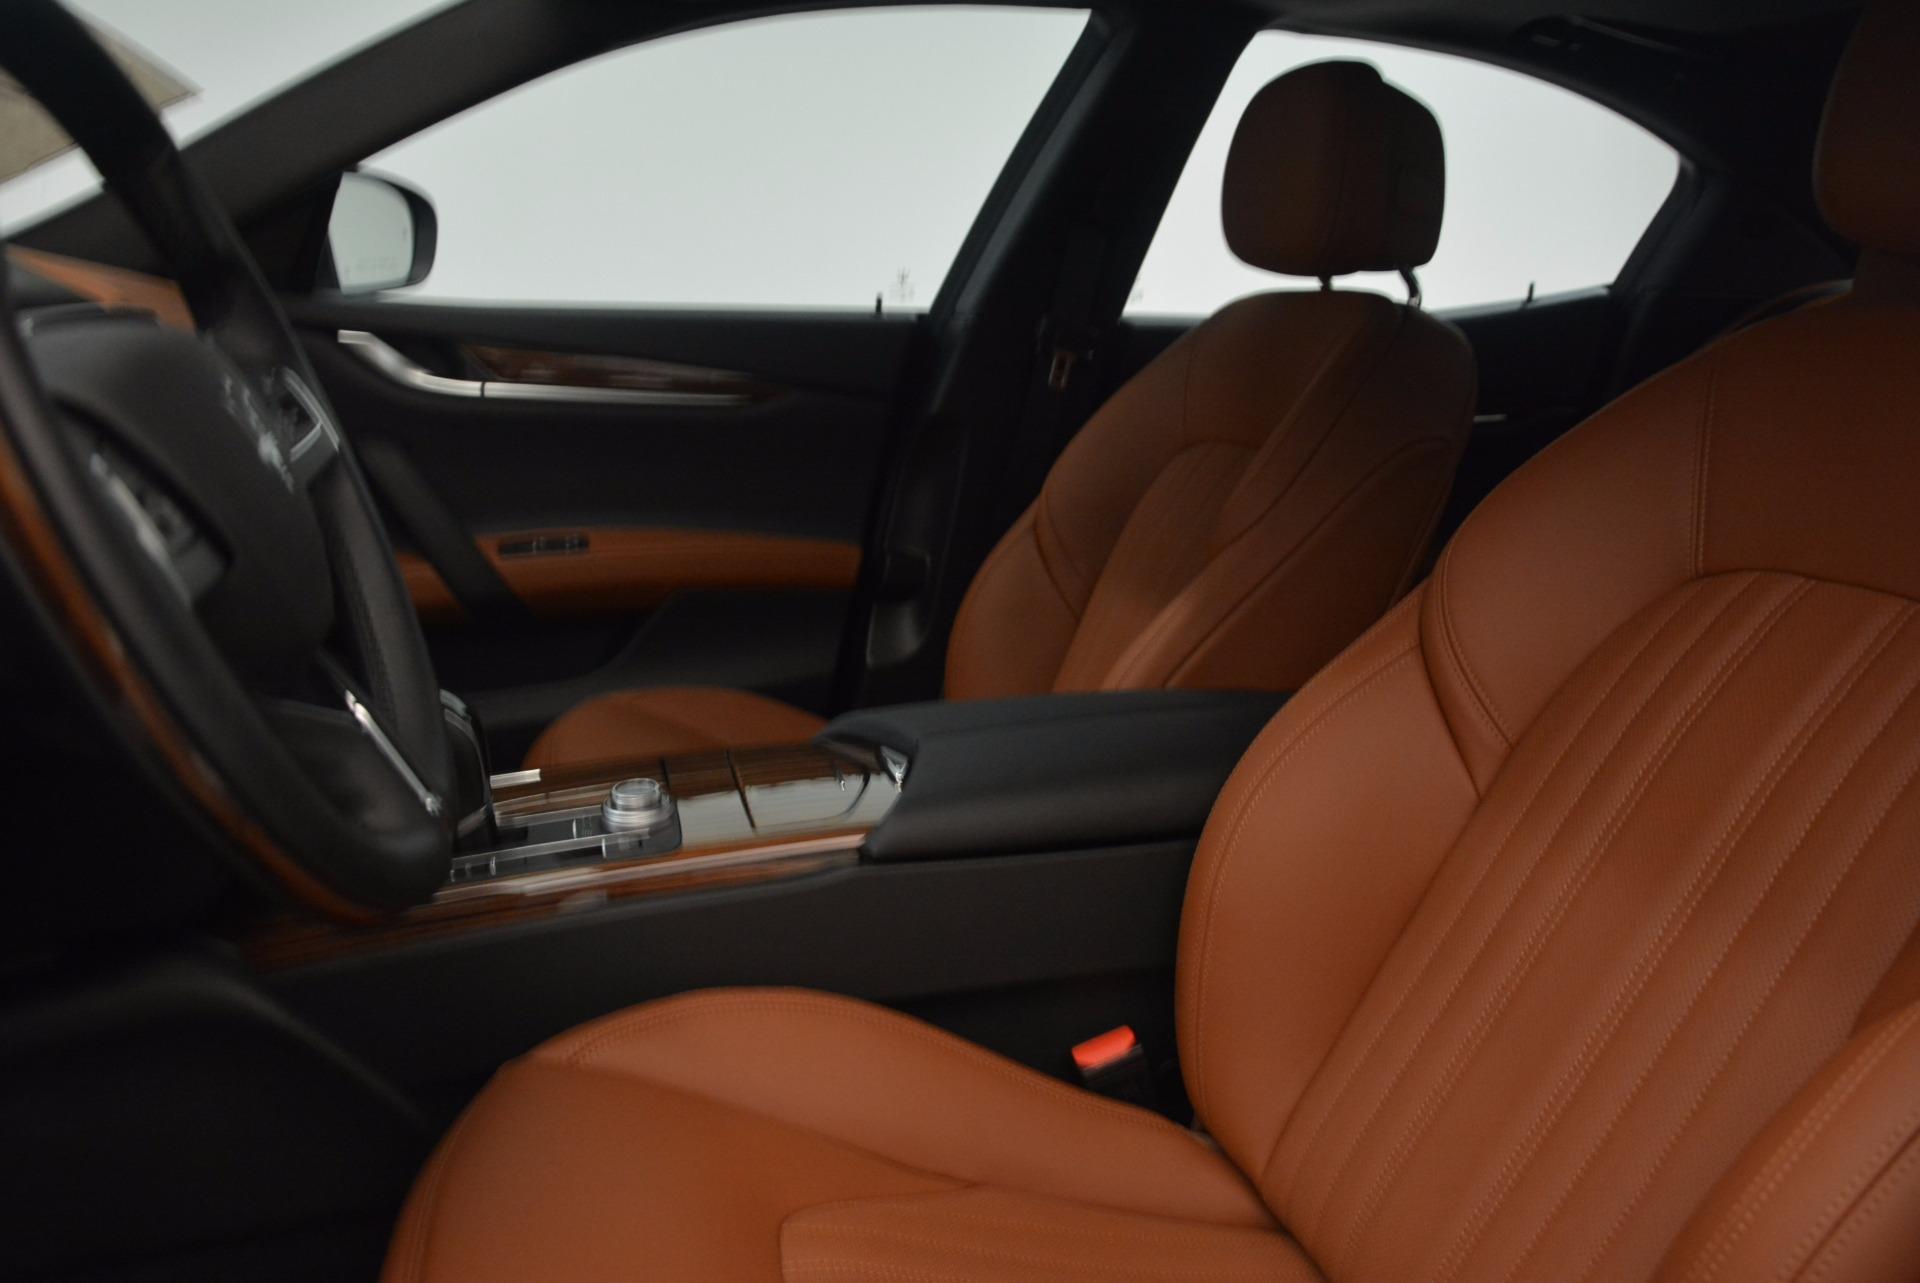 New 2018 Maserati Ghibli S Q4 GranLusso For Sale In Greenwich, CT 1866_p15